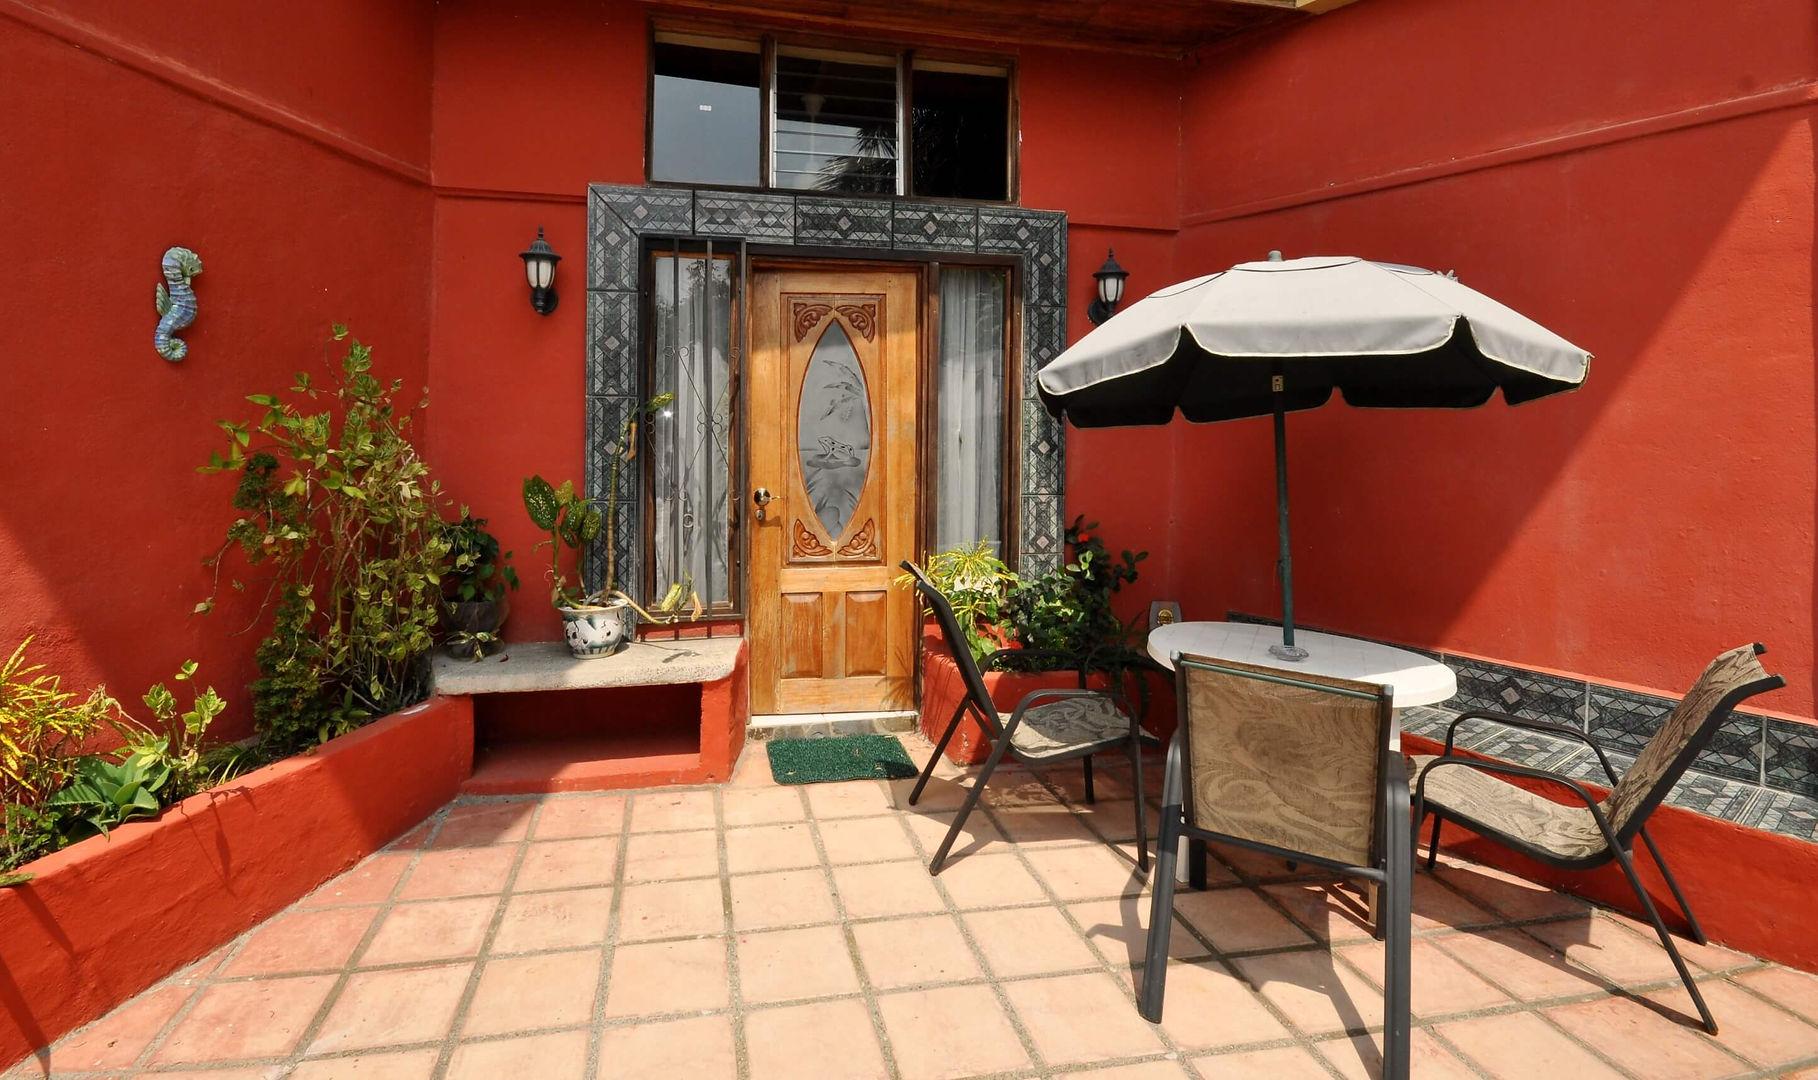 Hotel Las Cascadas The Falls, Condotel Las Cascadas, Manuel Antonio, Quepos, Costa Rica